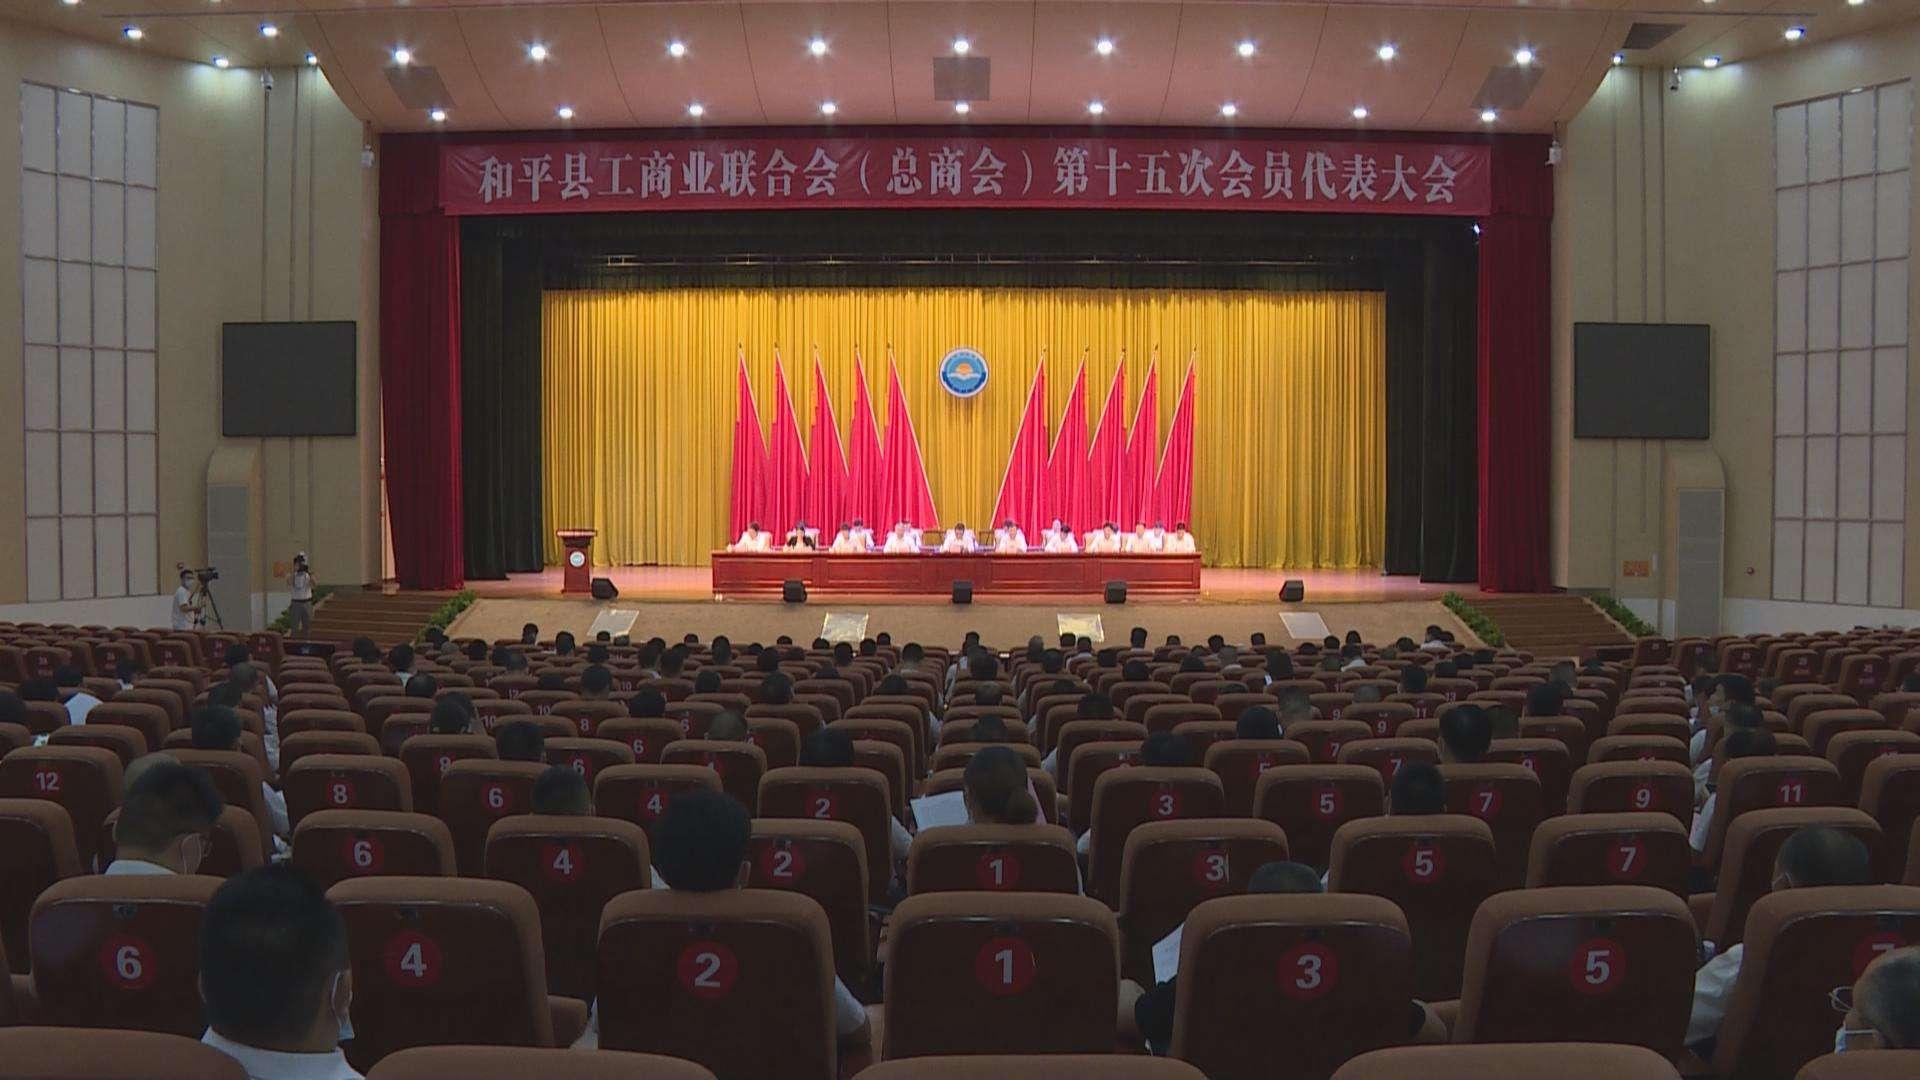 和平县工商联第十五次会员代表大会召开